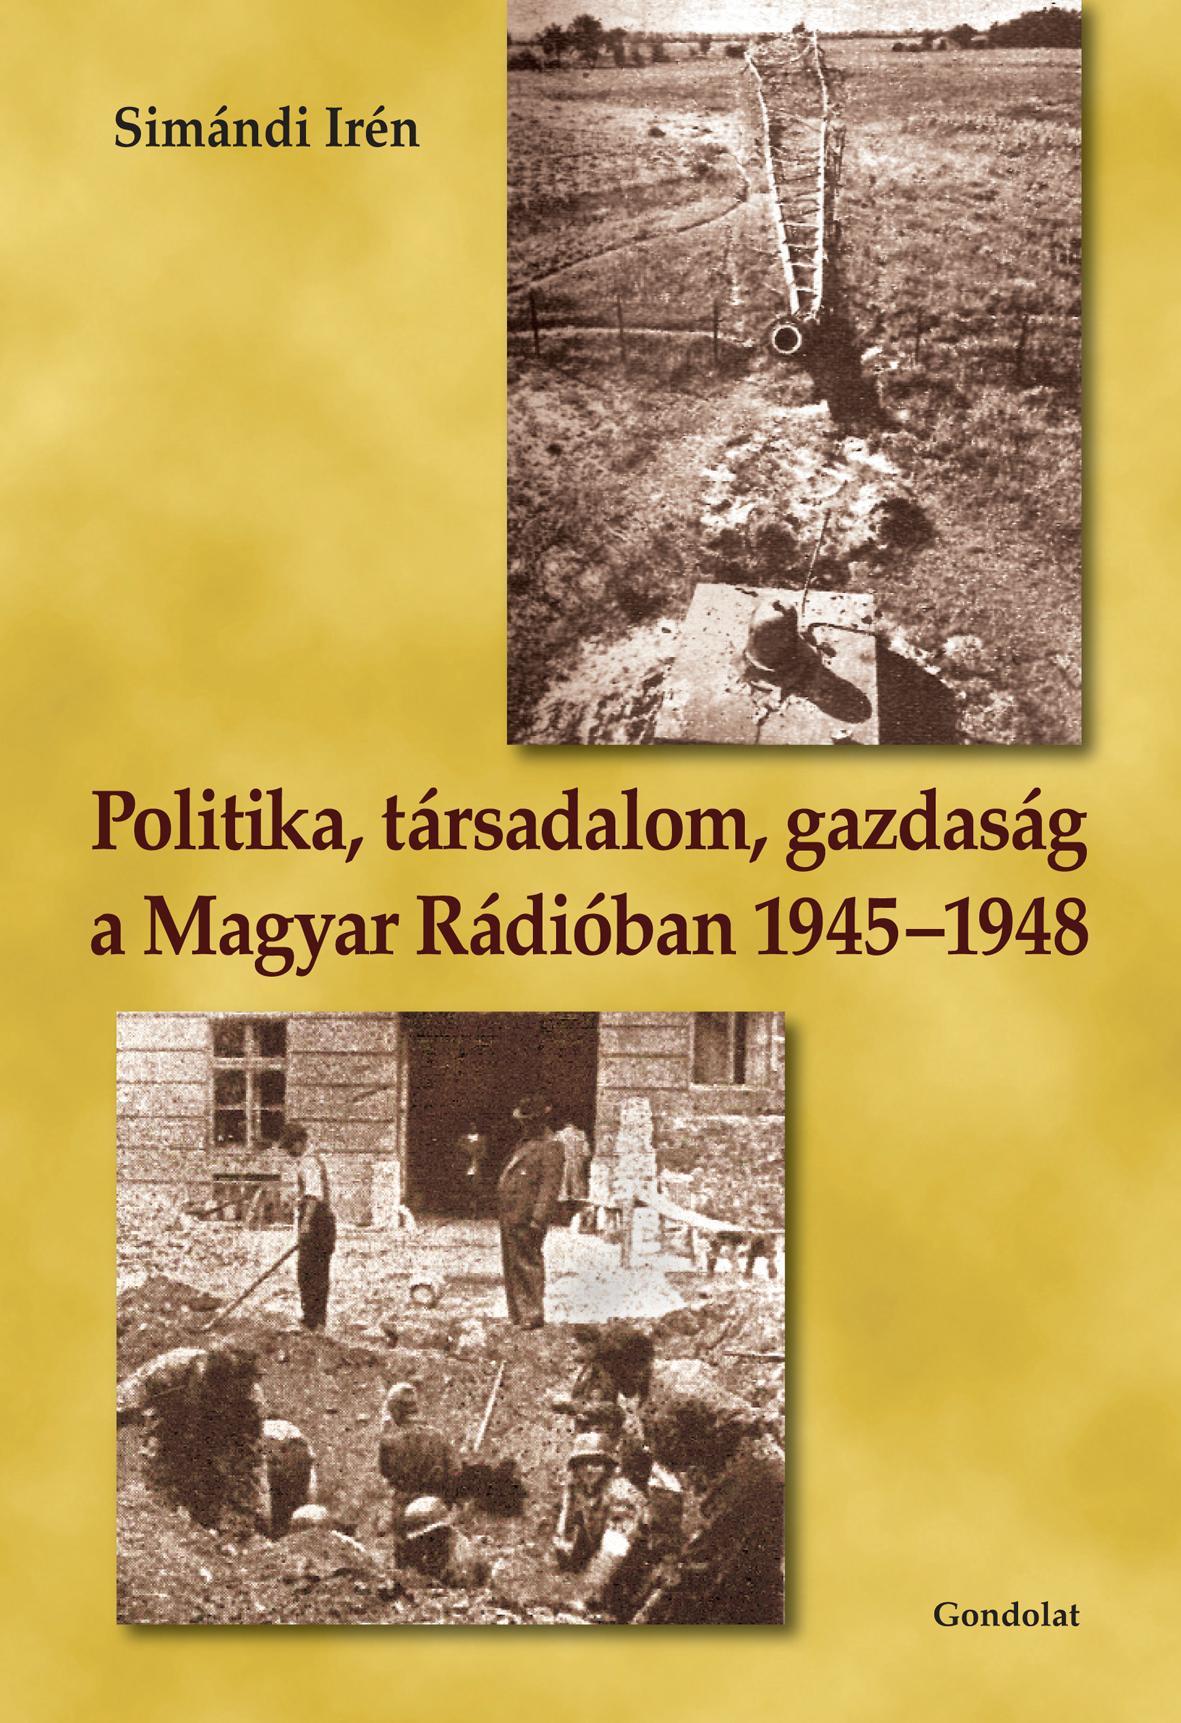 POLITIKA, TÁRSADALOM, GAZDASÁG A MAGYAR RÁDIÓBAN 1945-1948